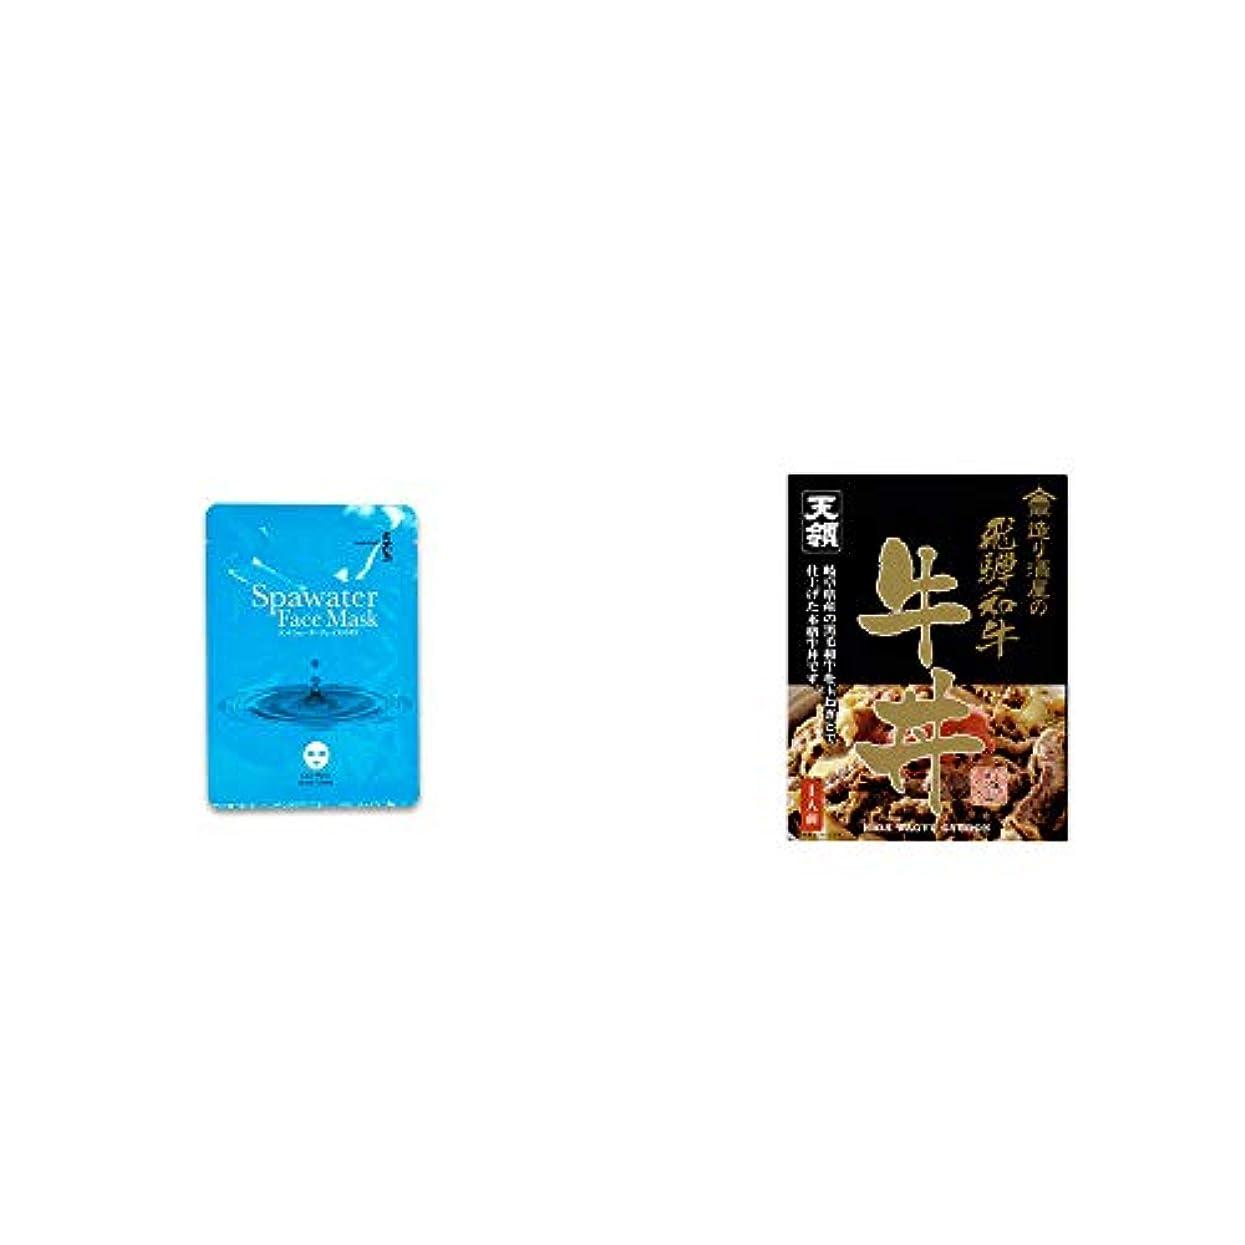 親密なピクニック日付[2点セット] ひのき炭黒泉 スパウォーターフェイスマスク(18ml×3枚入)?天領酒造 造り酒屋の飛騨和牛 牛丼(1人前)